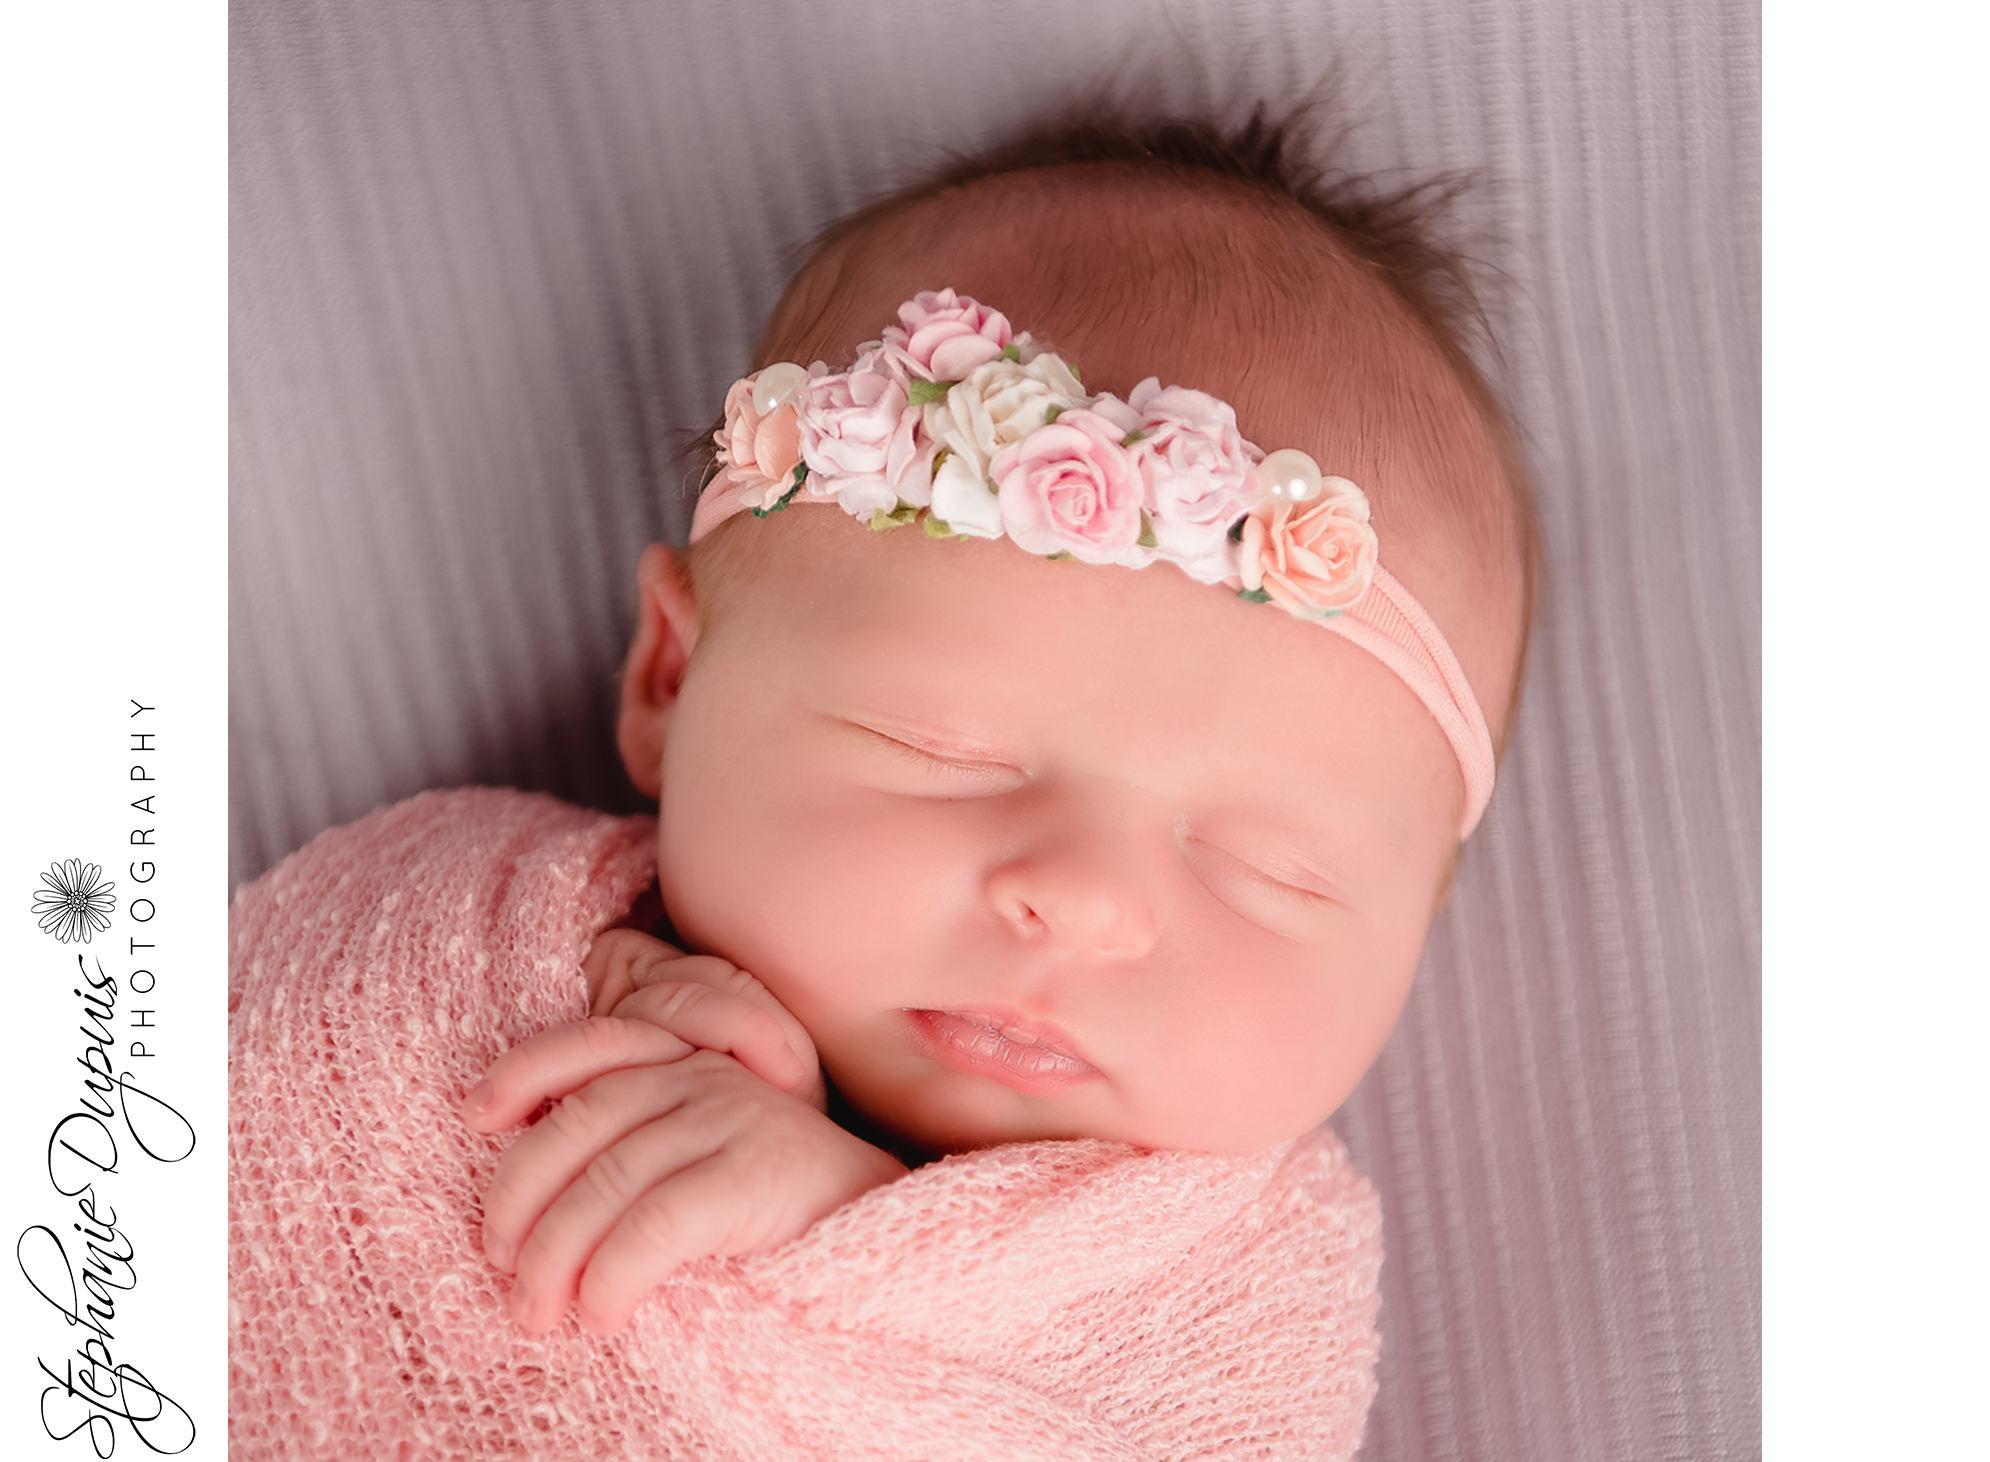 McMann 3 - Portfolio: Addilyn Newborn Session